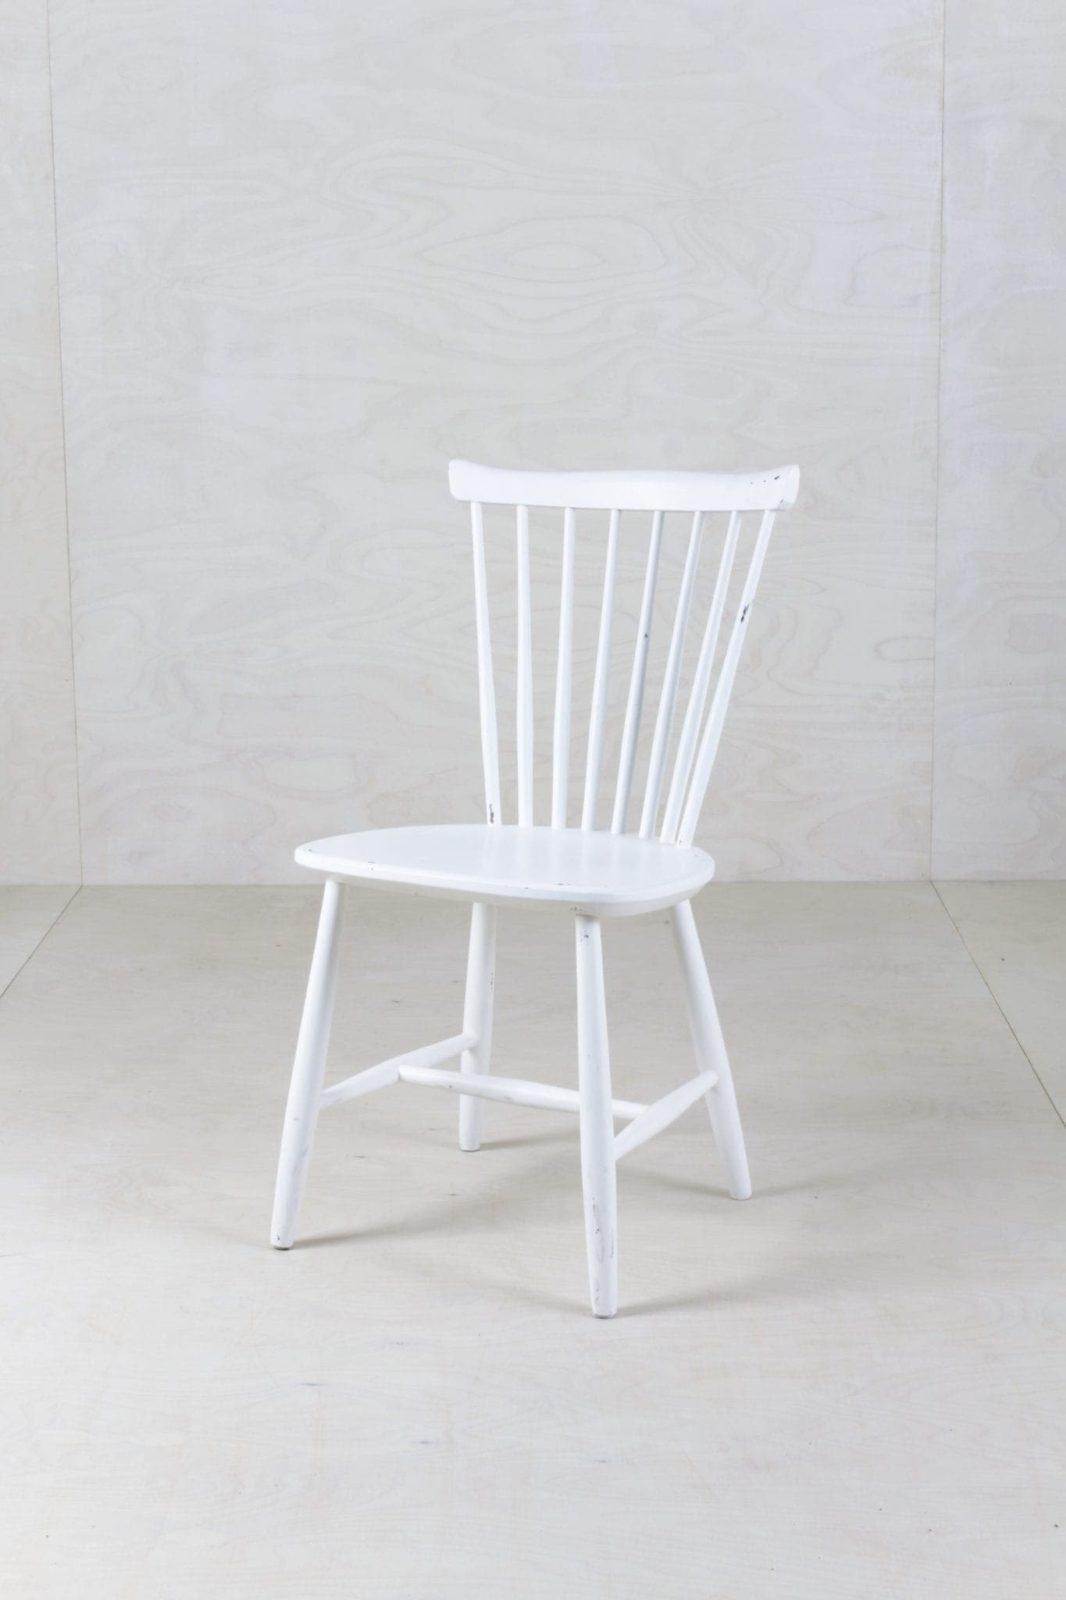 Sprossenstuhl Vega | Diese vintage Sprossenstühle haben wir mit edlem Weißmatt-Lack umgestaltet und Ihnen so ein neues Leben eingehaucht. | gotvintage Rental & Event Design